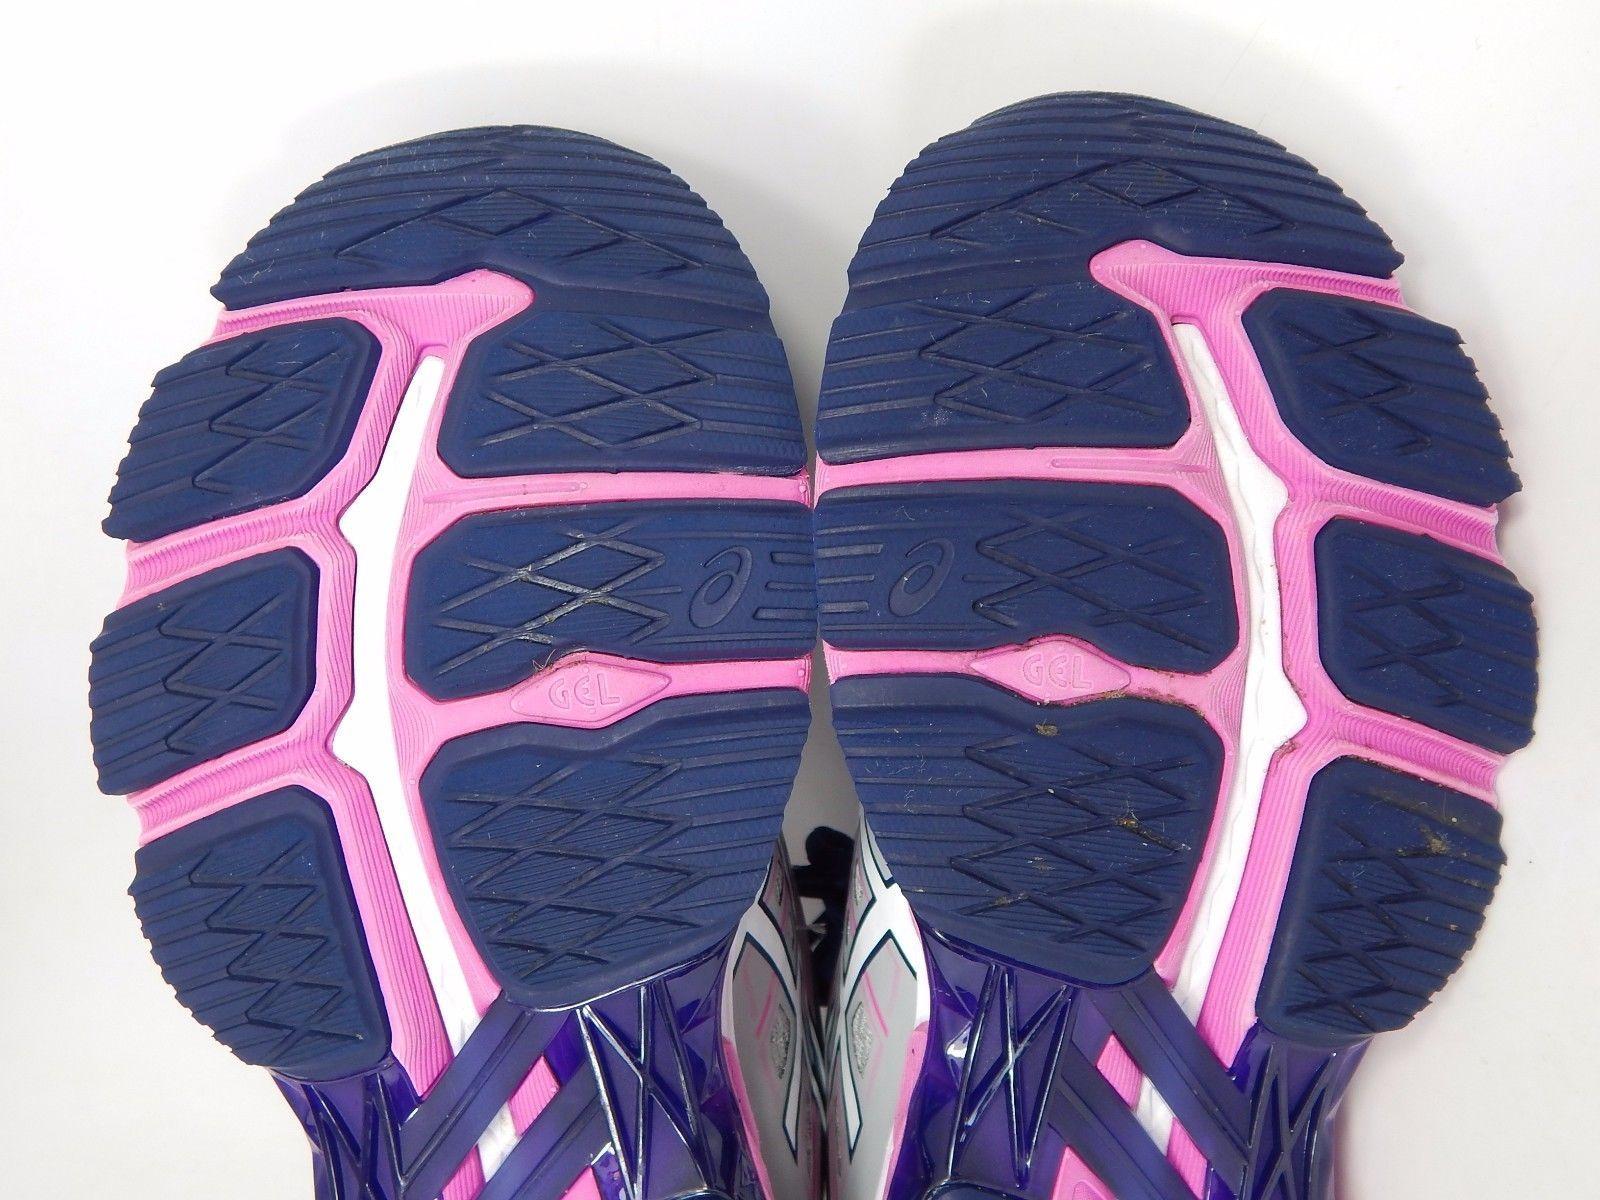 Asics GT 2000 v 5 Women's Running Shoes Sz US 9 M (B) EU 40.5 Silver Blue T757N